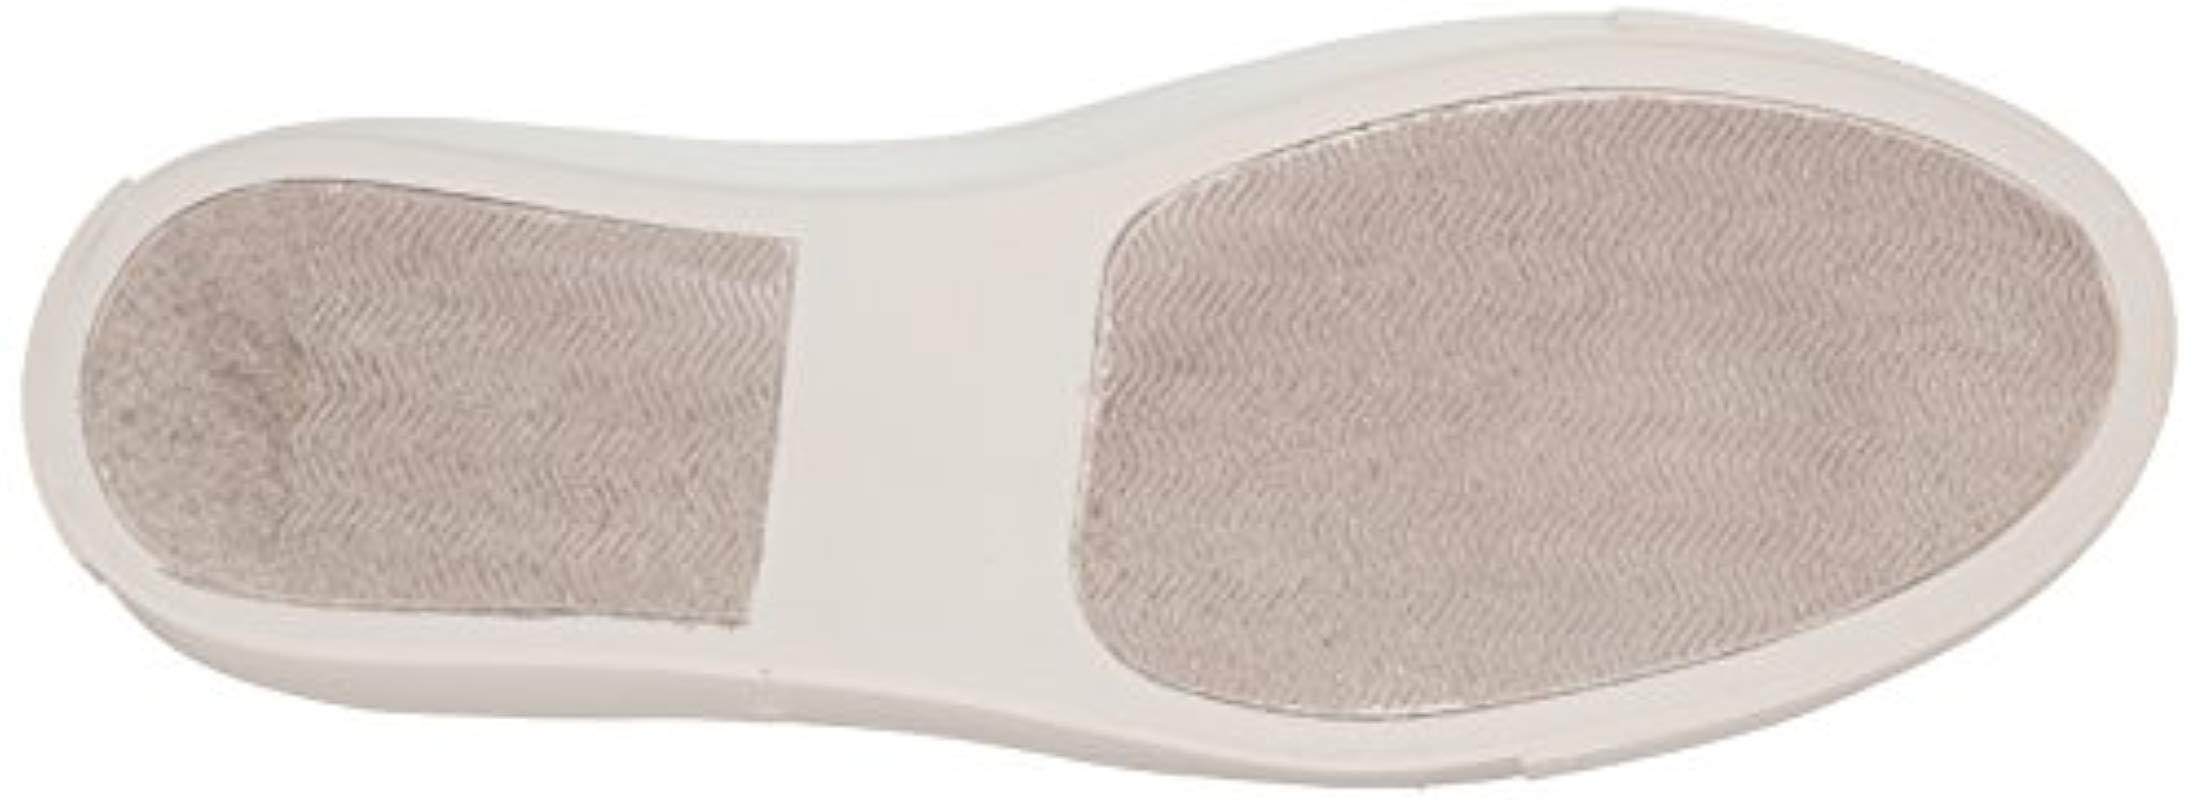 Steve Madden Rubber Ecentrcq Sneaker in White